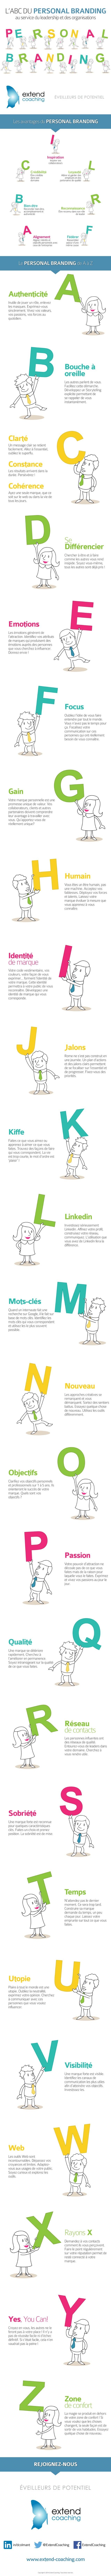 Le Personal branding au service des organisations, le guide de A à Z (infographie)